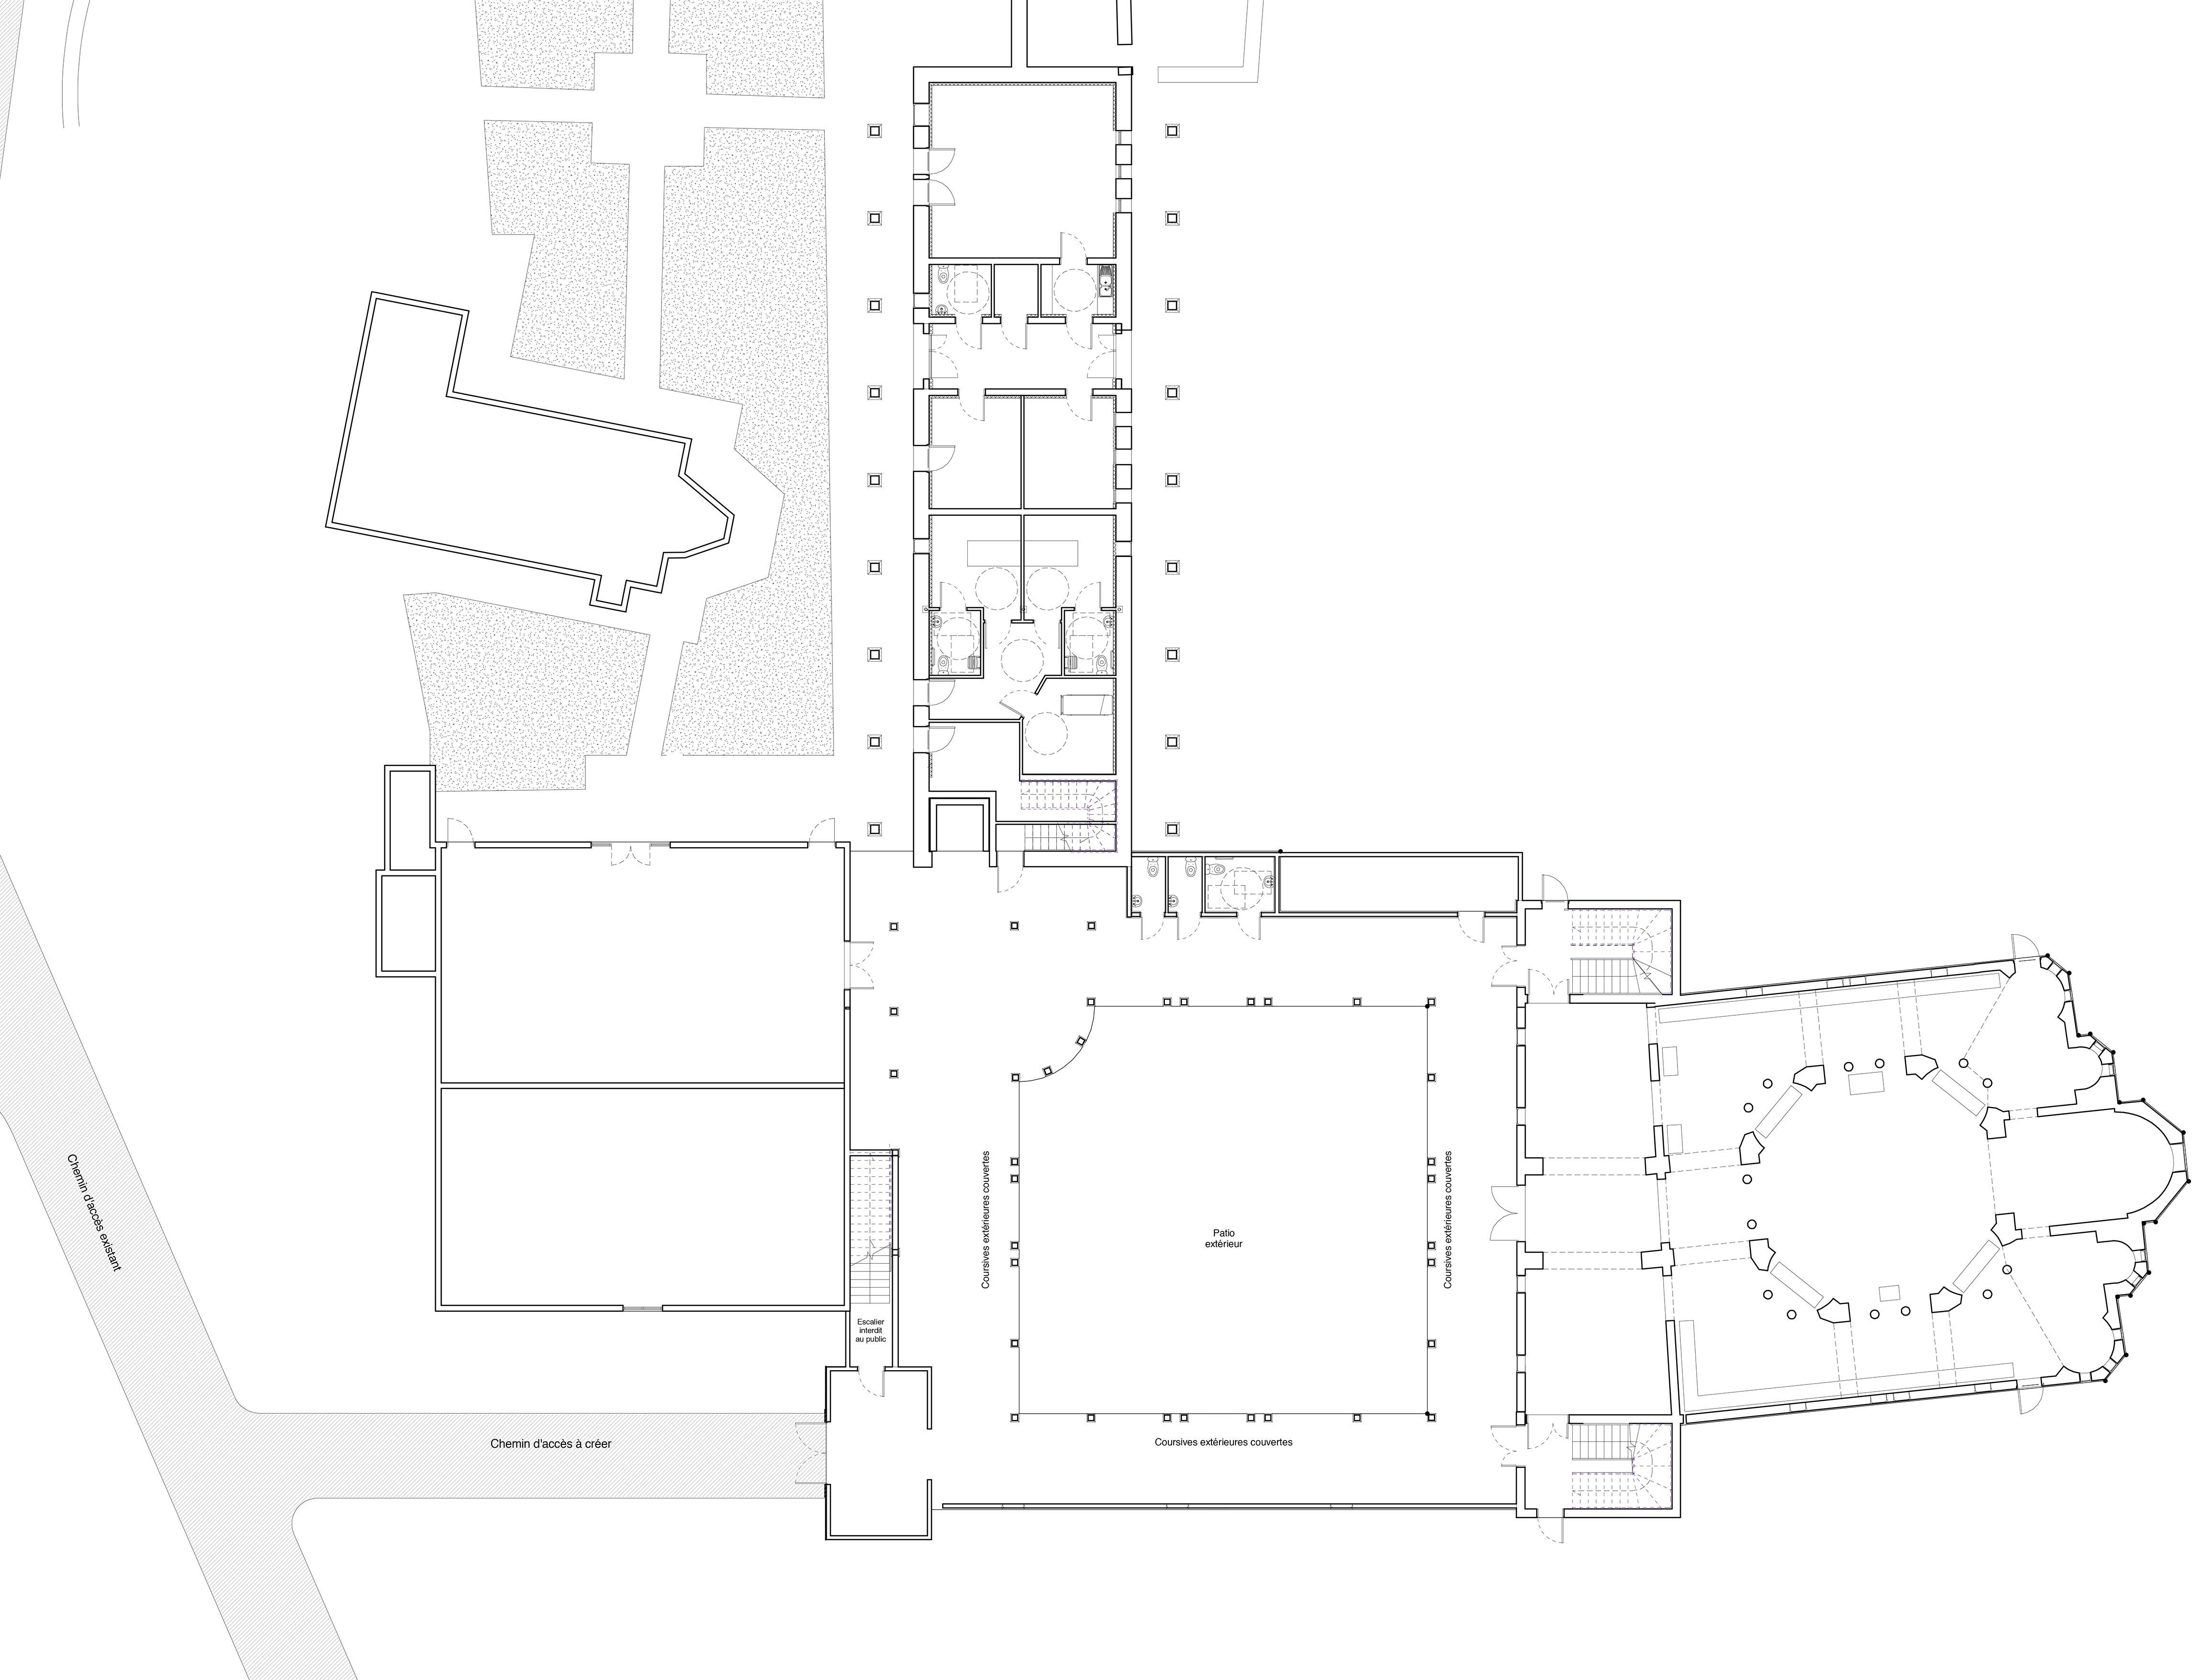 Plan de la nouvelle église